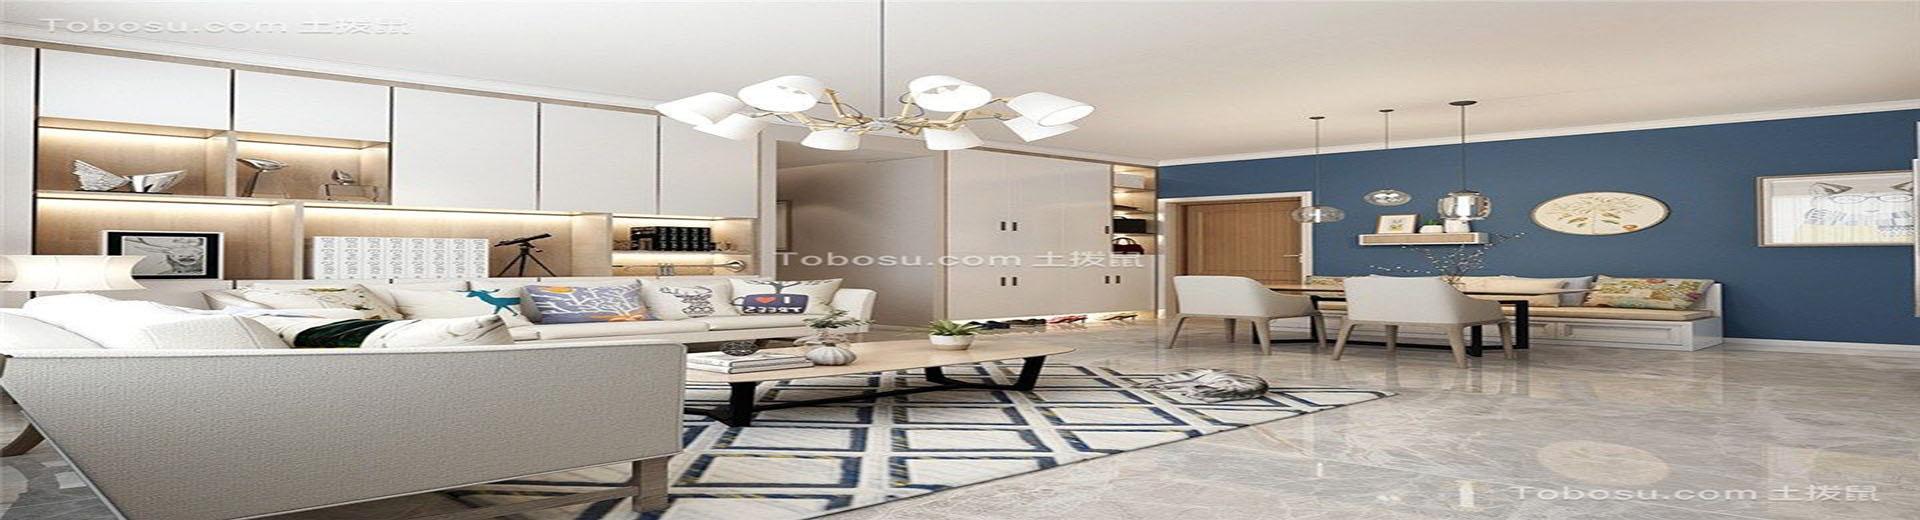 北歐風格瓷磚效果圖,精致細節構造完美居室